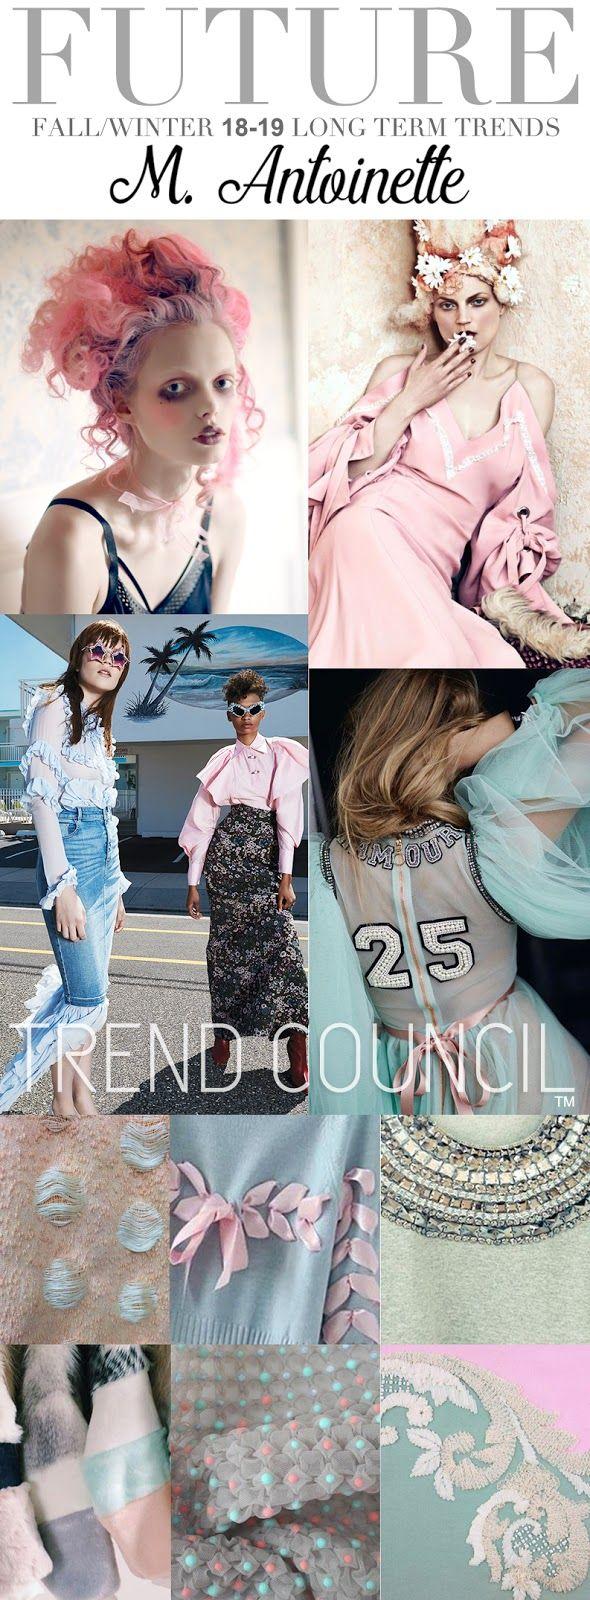 TRENDS | TREND COUNCIL - M. ANTOINETTE . FW 2018-19